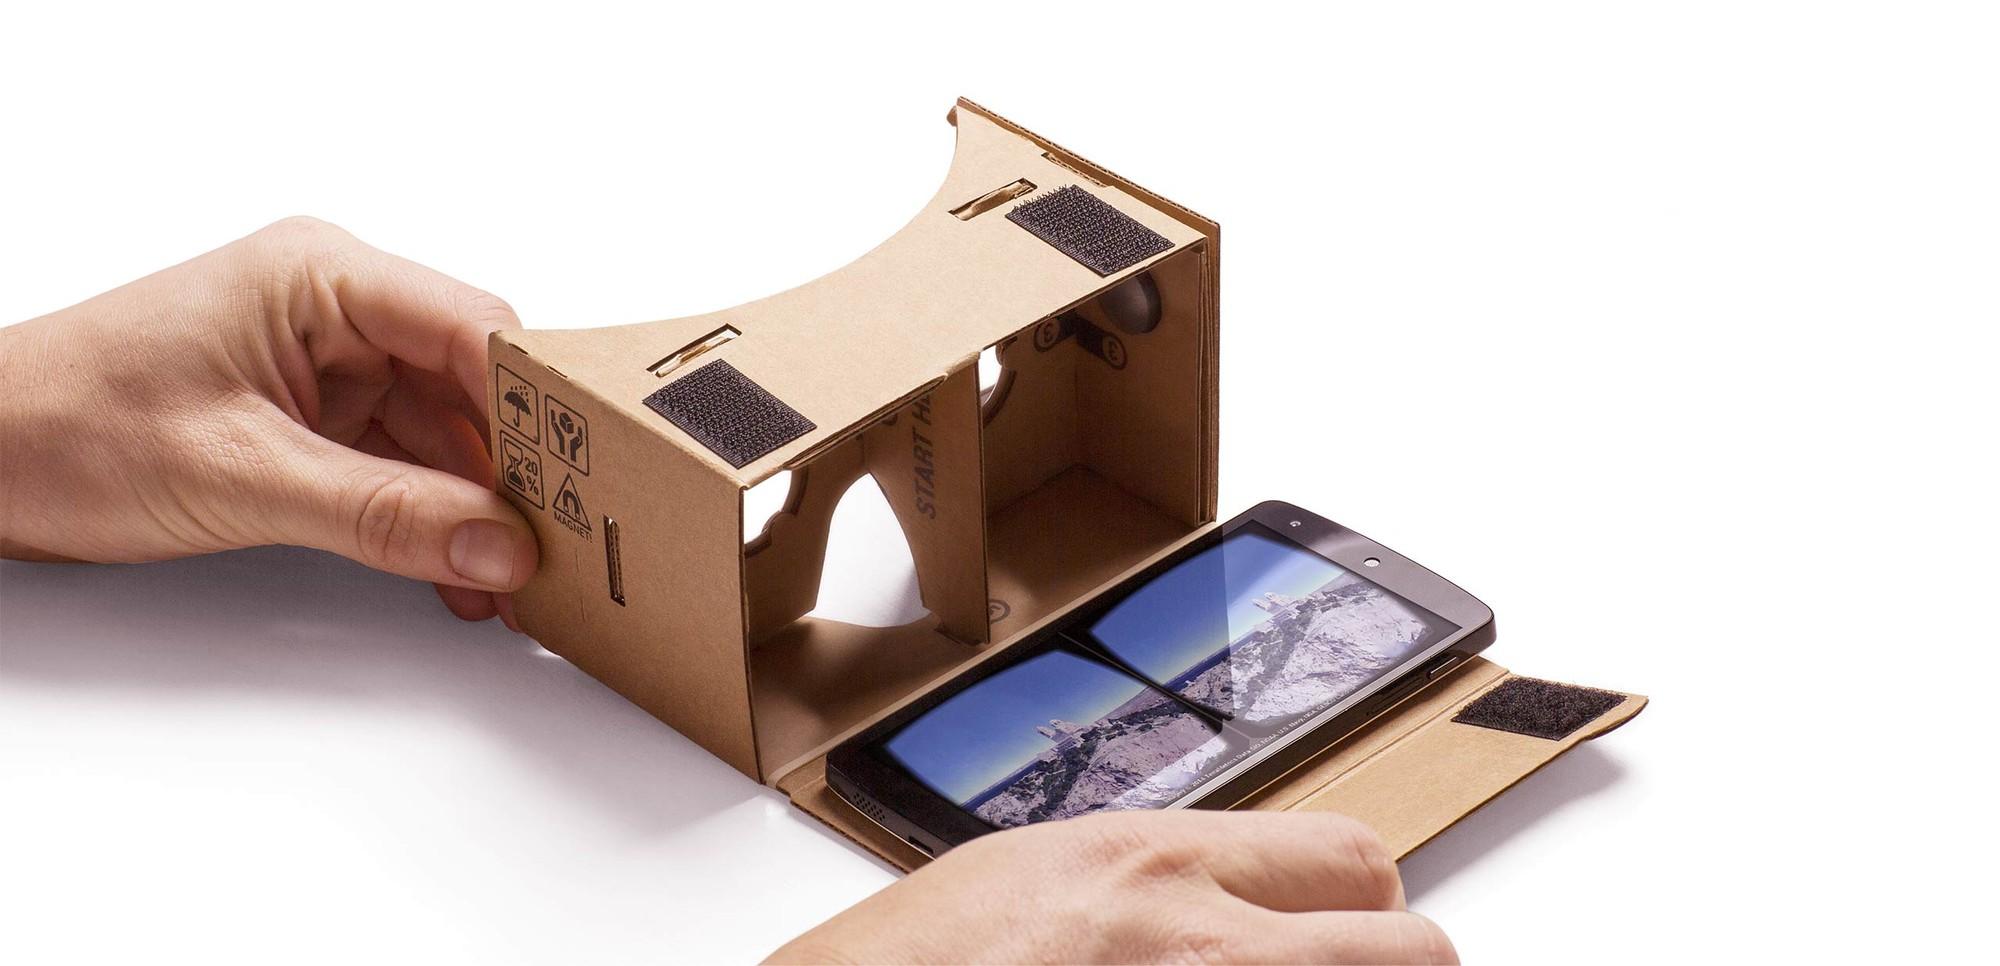 ¿Quieres un set de realidad virtual? Hazte uno (por casi nada) con Google Cardboard, © Google vía 'Google Cardboard'